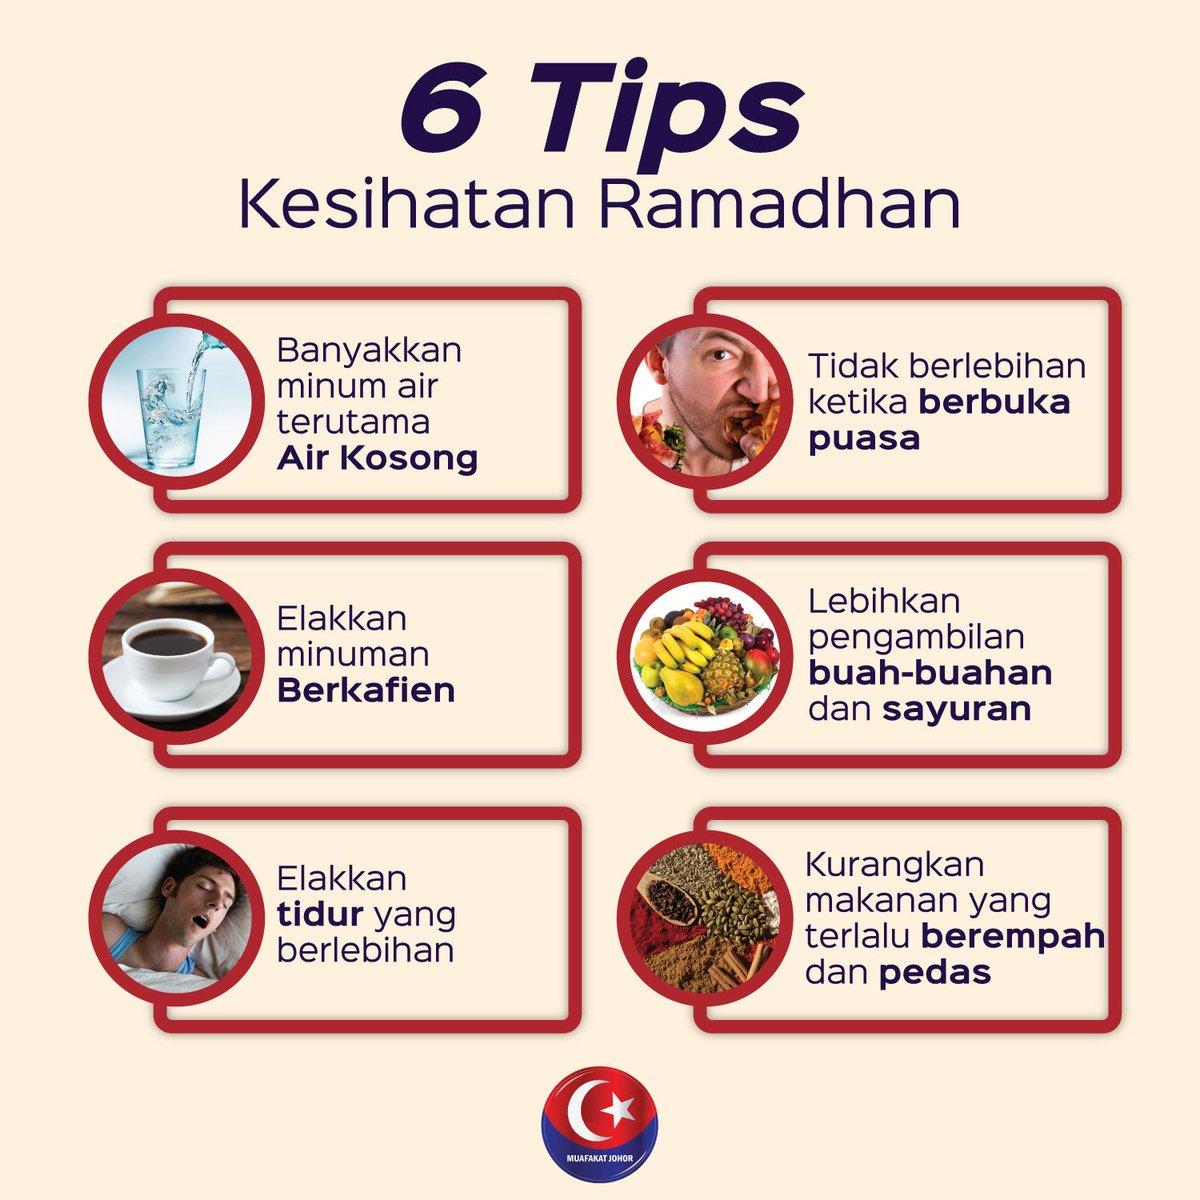 Tips kesihatan di bulan ramadhan